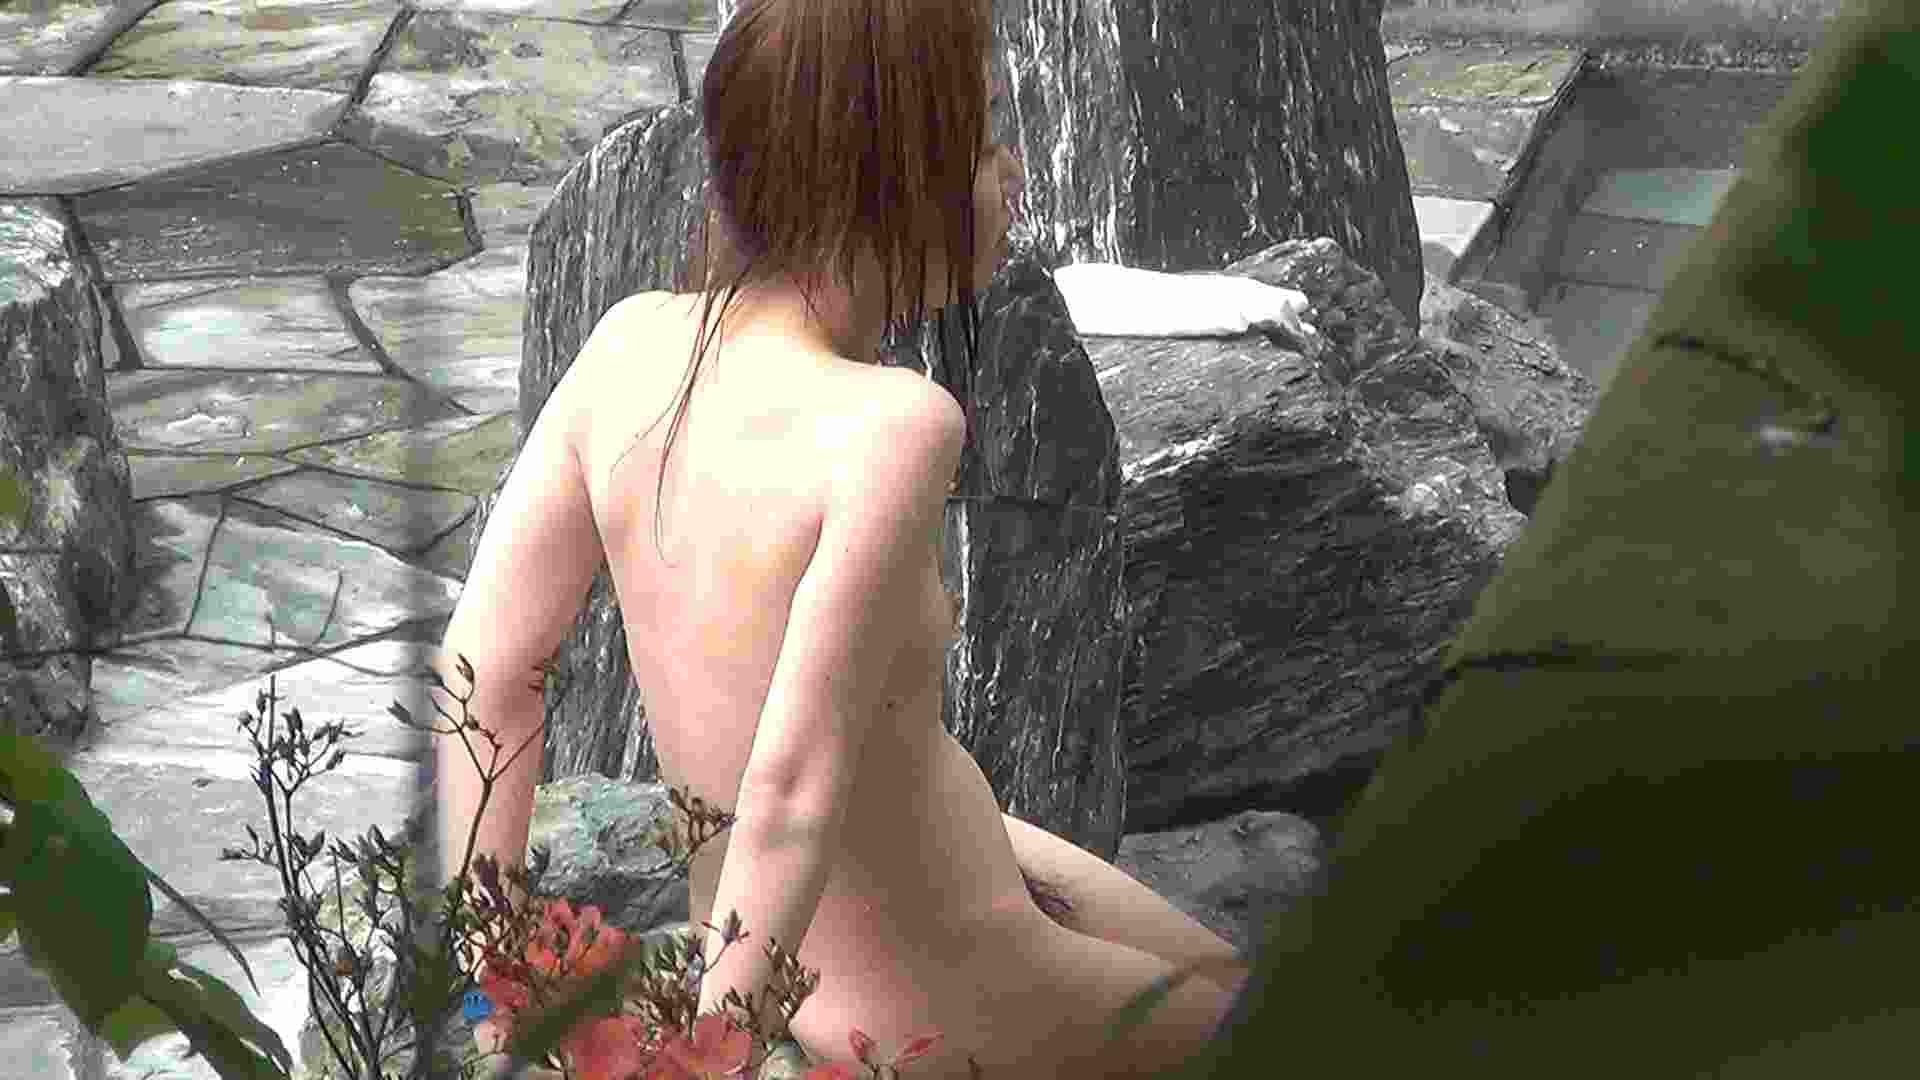 ハイビジョンVol.14 年齢とともに大きくなる心と乳首 露天 エロ画像 100pic 73